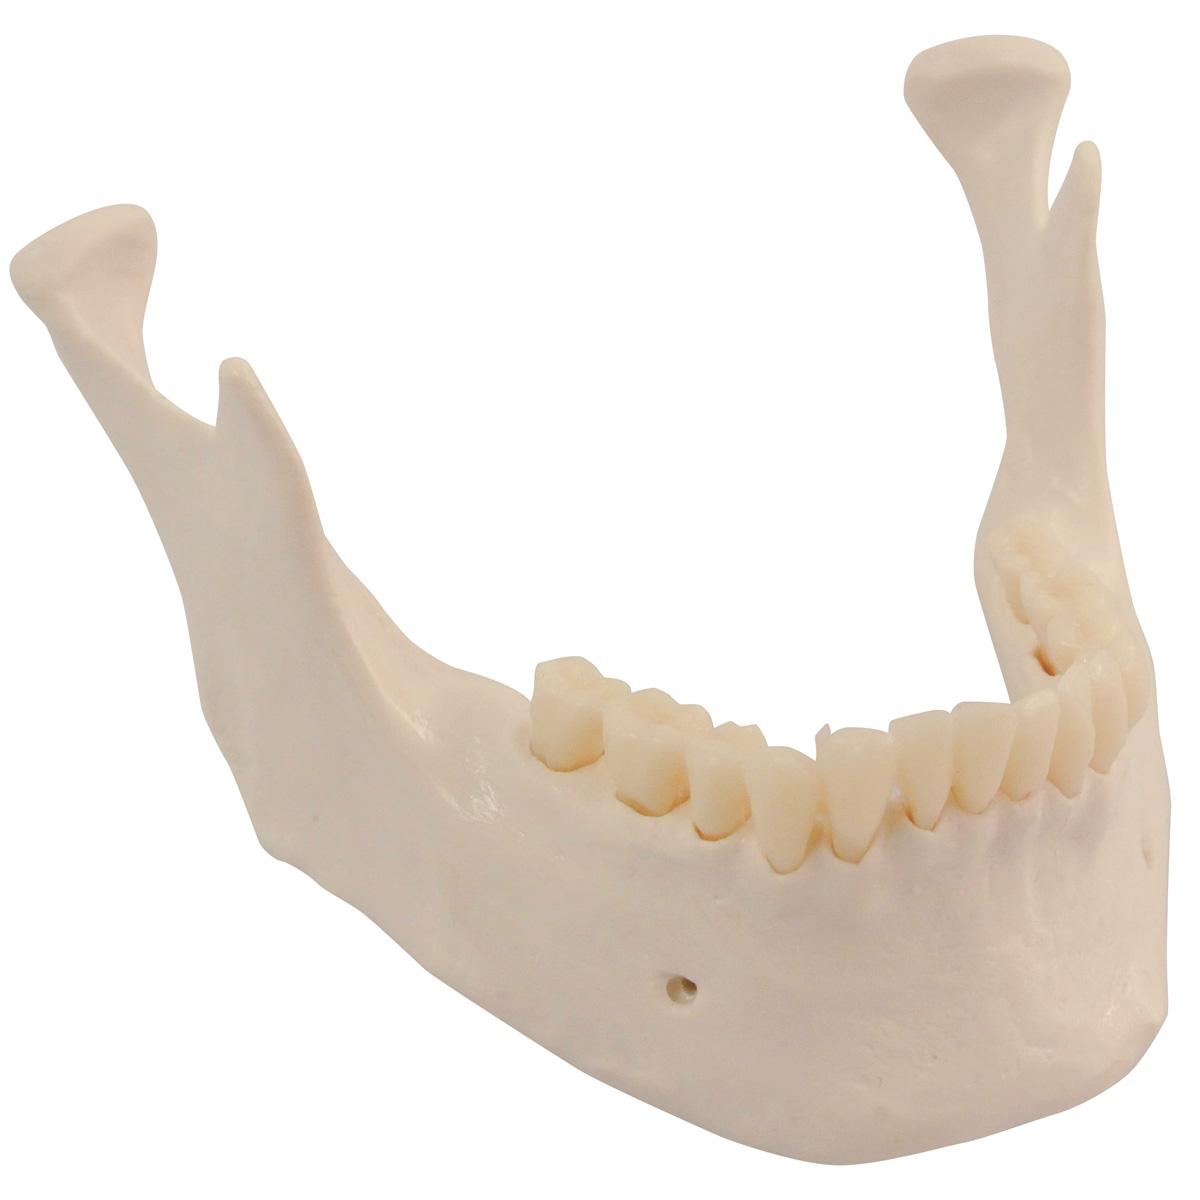 prelievo di osso dalla mandibola